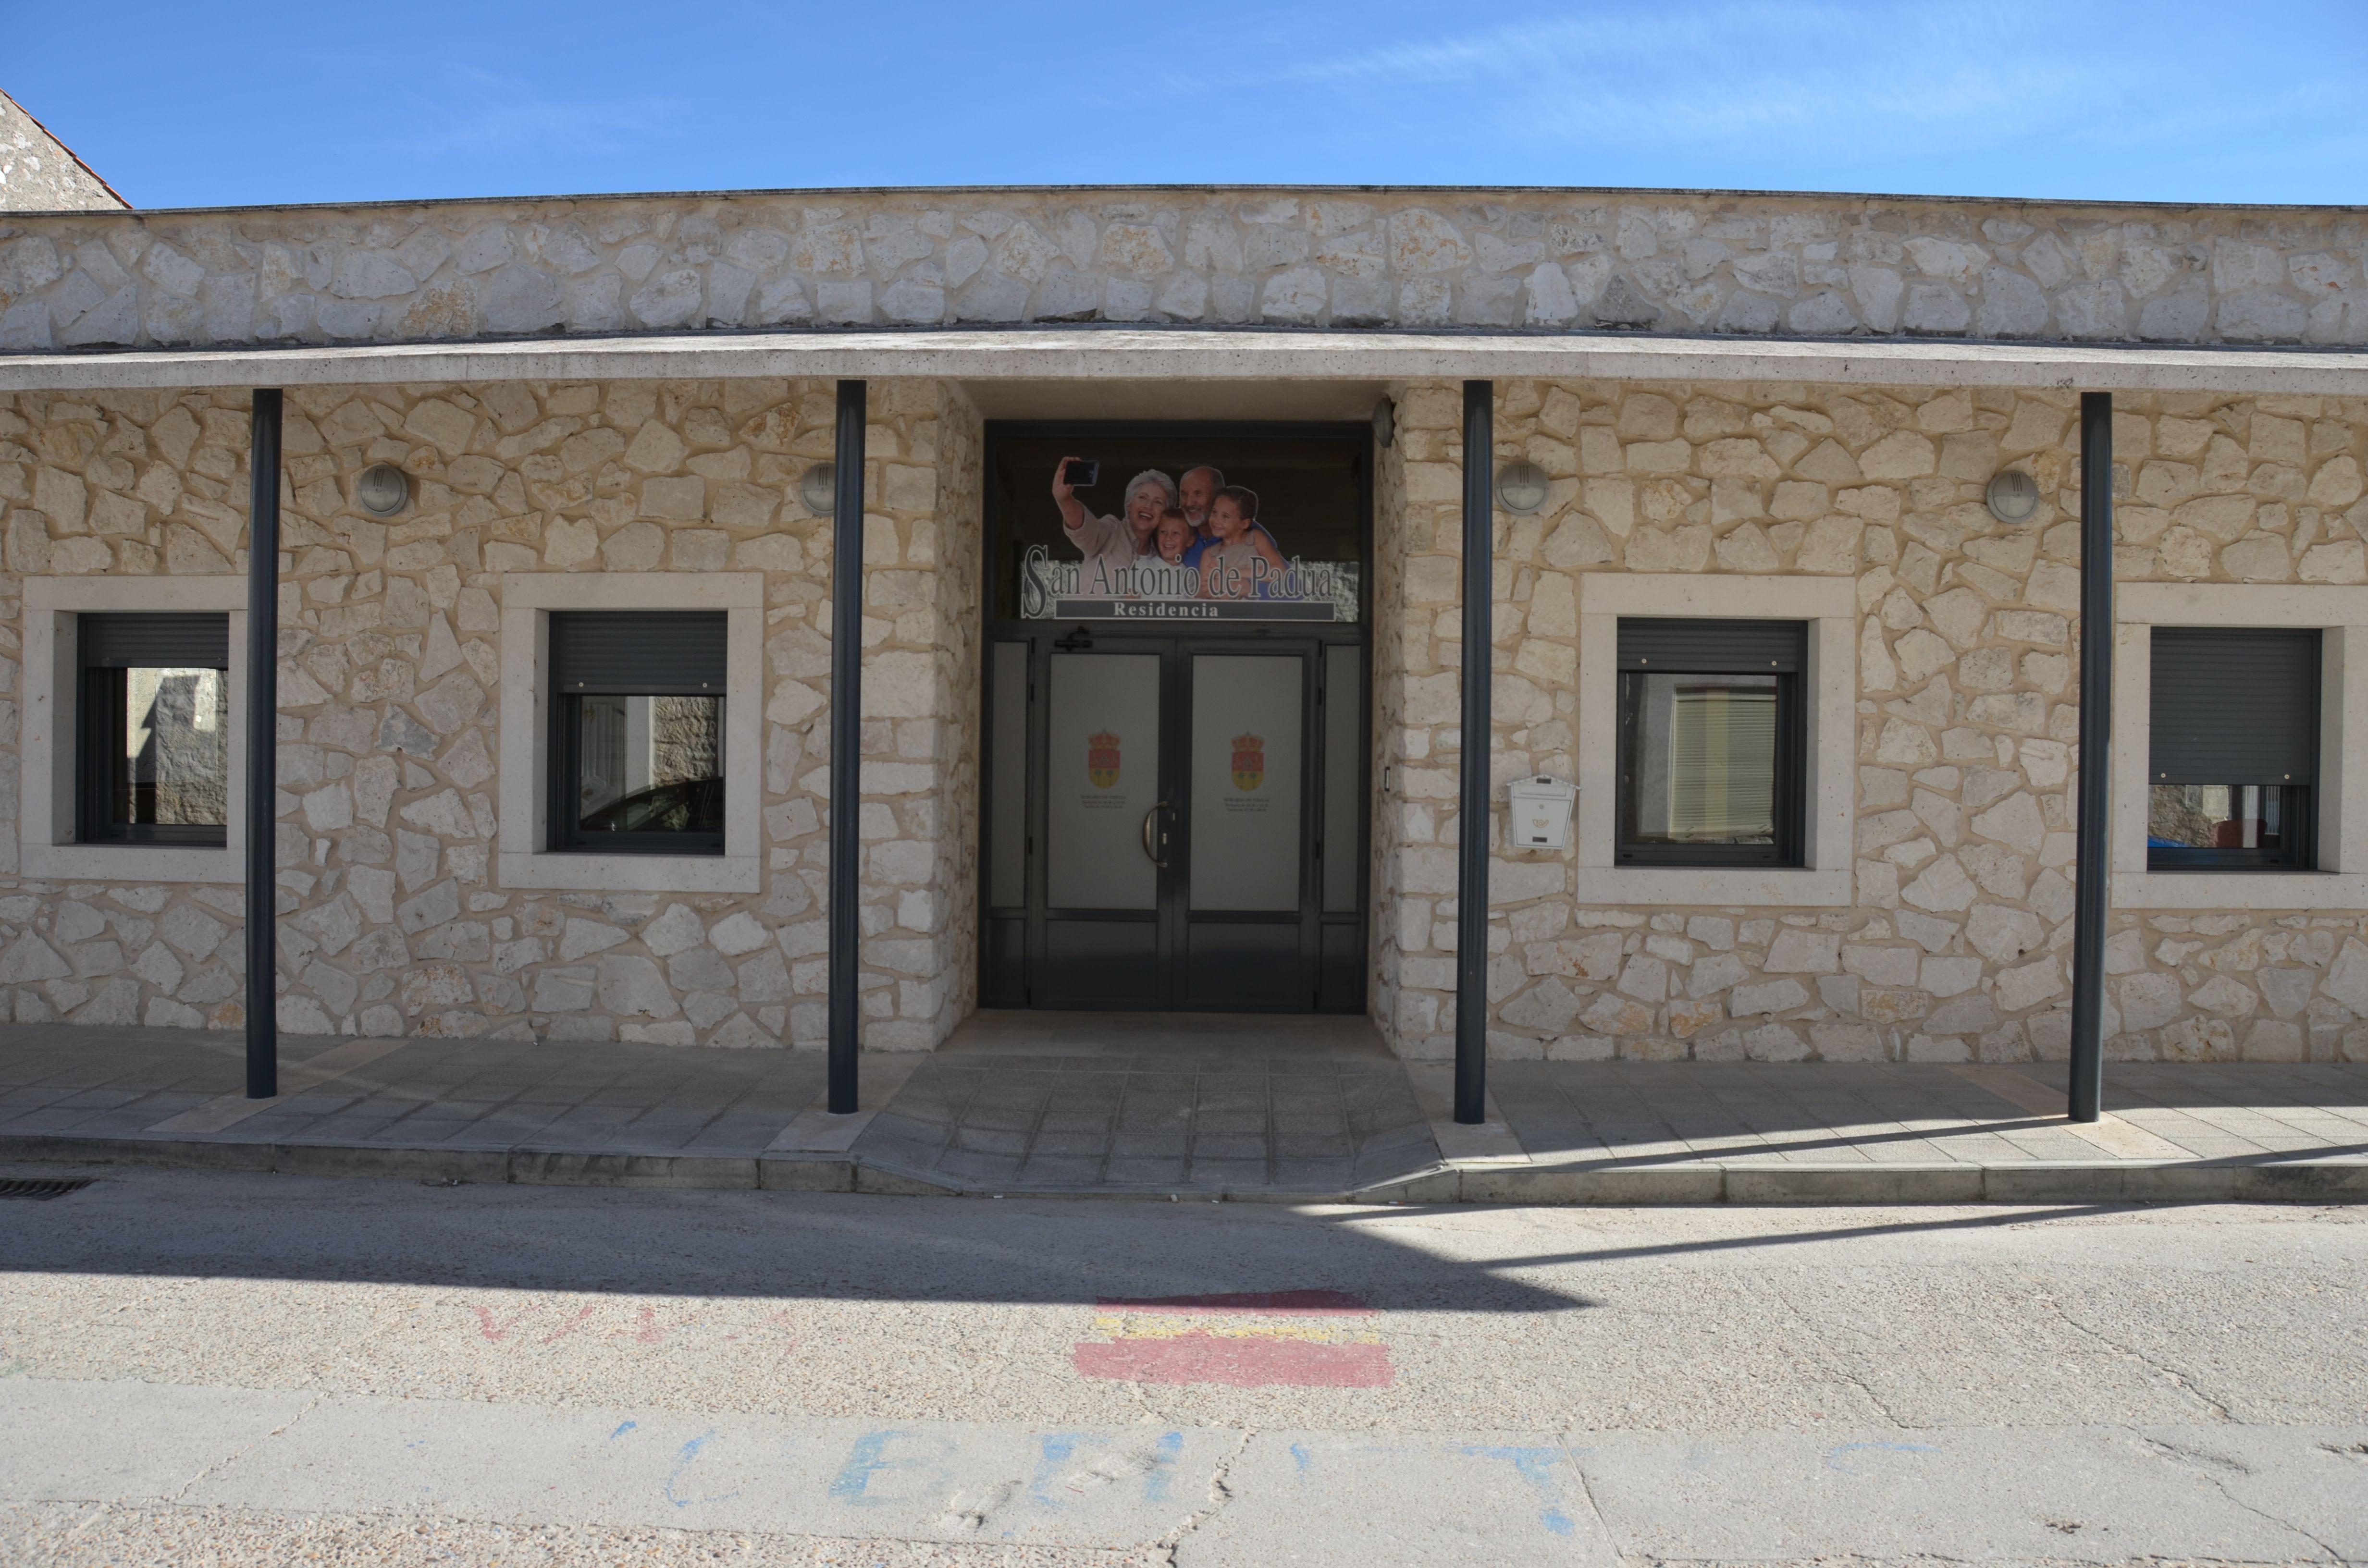 Foto 3 de Residencias 3ª edad en Valladolid | Asfa 21 Servicios Sociales